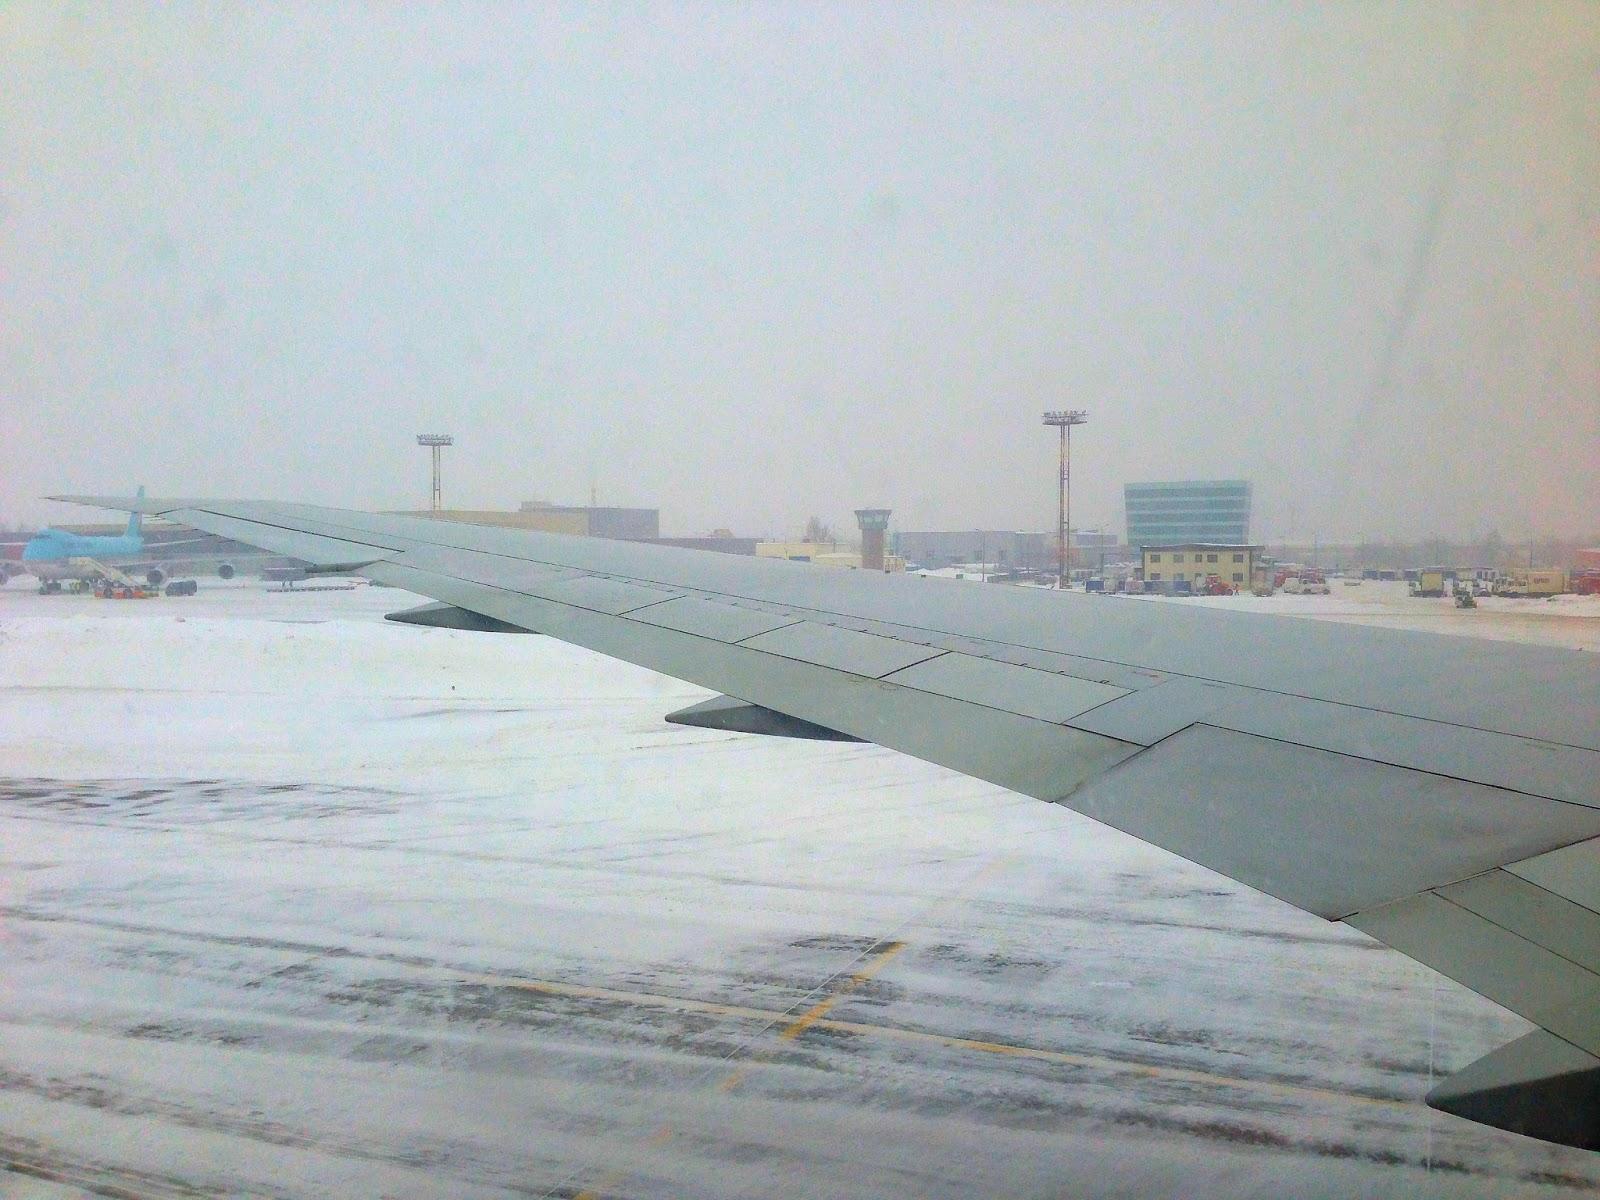 flughafen sheremetyevo moskau ankunft